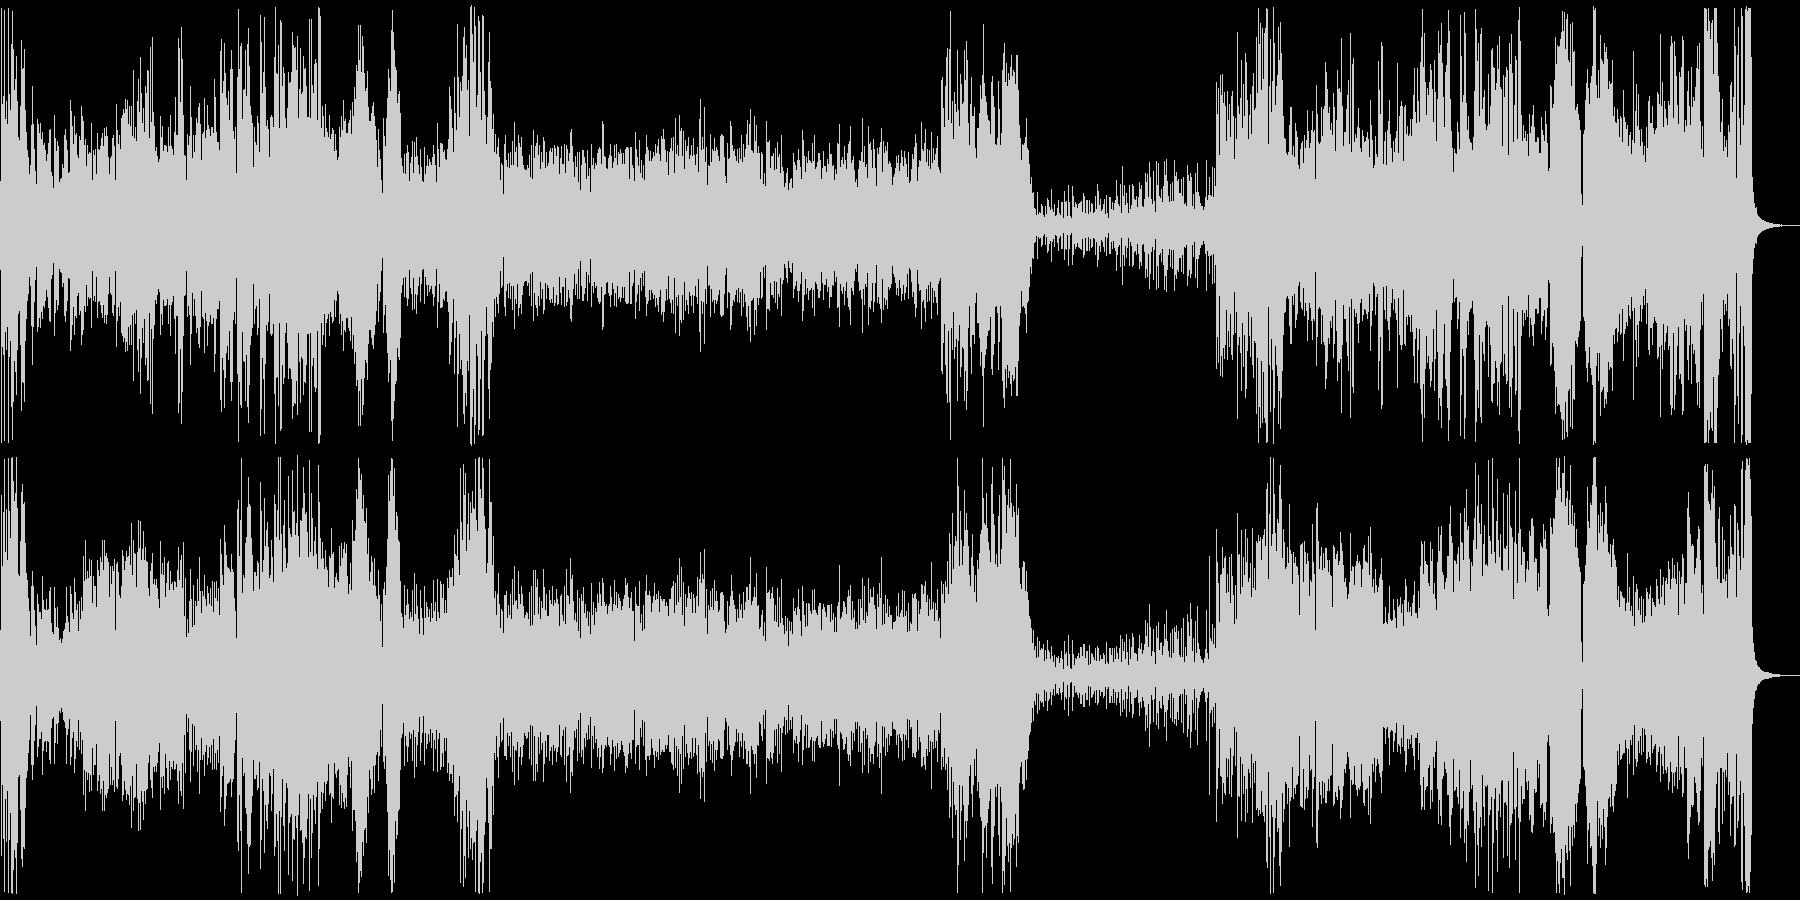 さくらさくらのビッグバンドジャズの未再生の波形